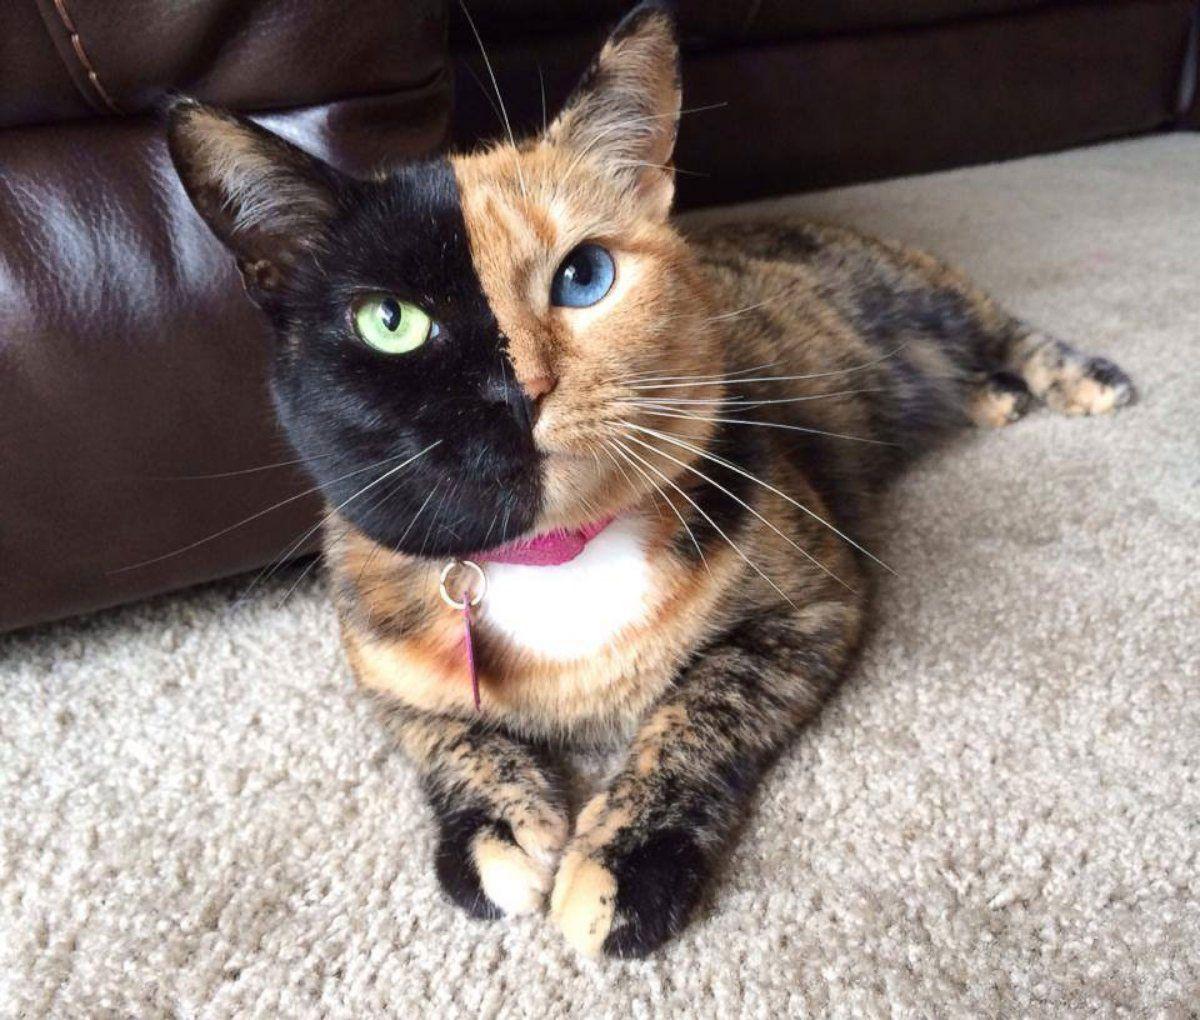 21 chats devenus de véritables célébrités sur internet grâce à leur  apparence aussi étonnante que mignonne